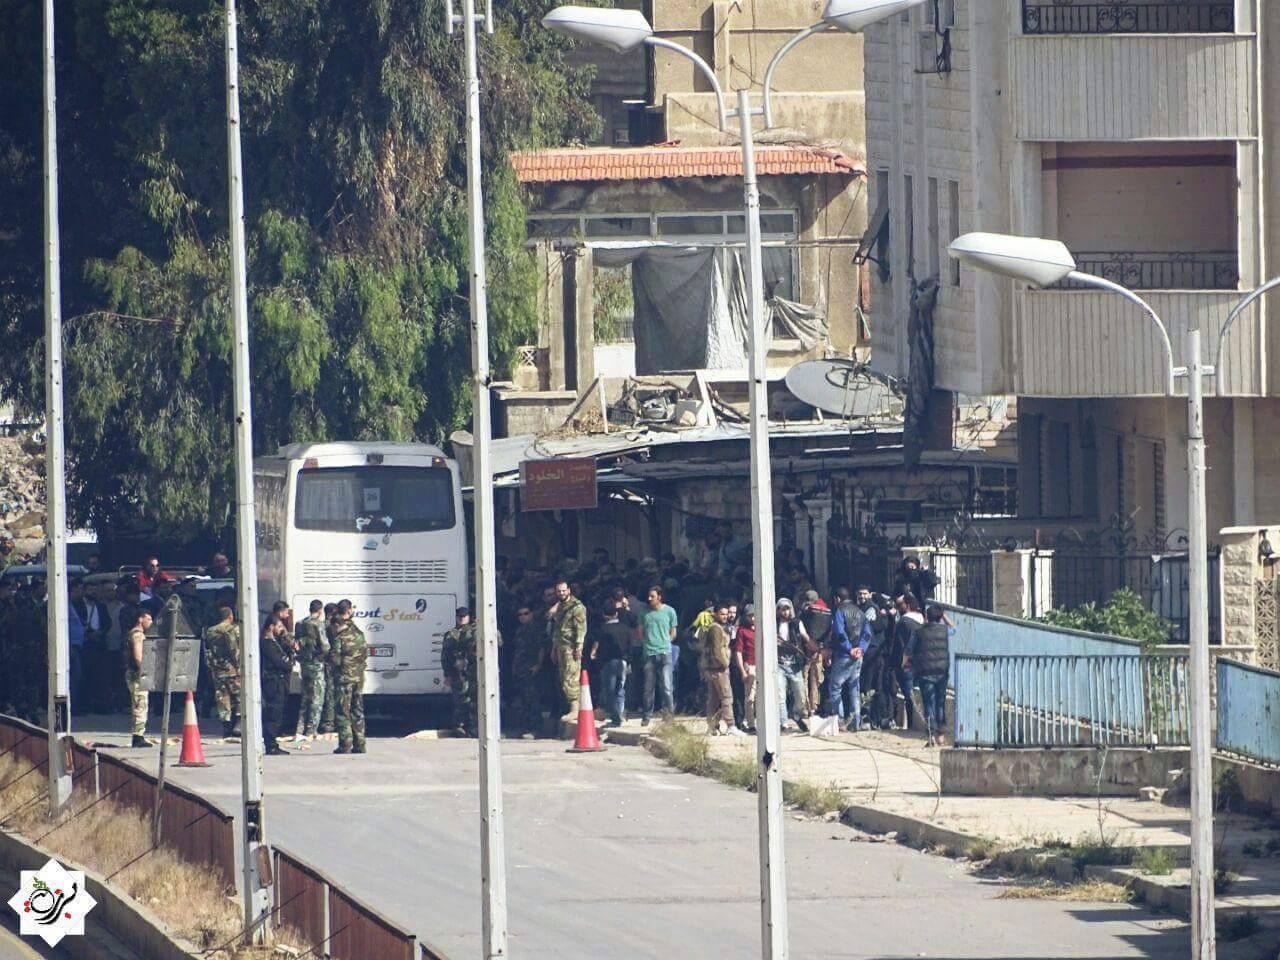 يعدّ تهجير حي برزة أول عملية تهجير تشهدها العاصمة منذ بدء الأزمة السورية في عام 2011